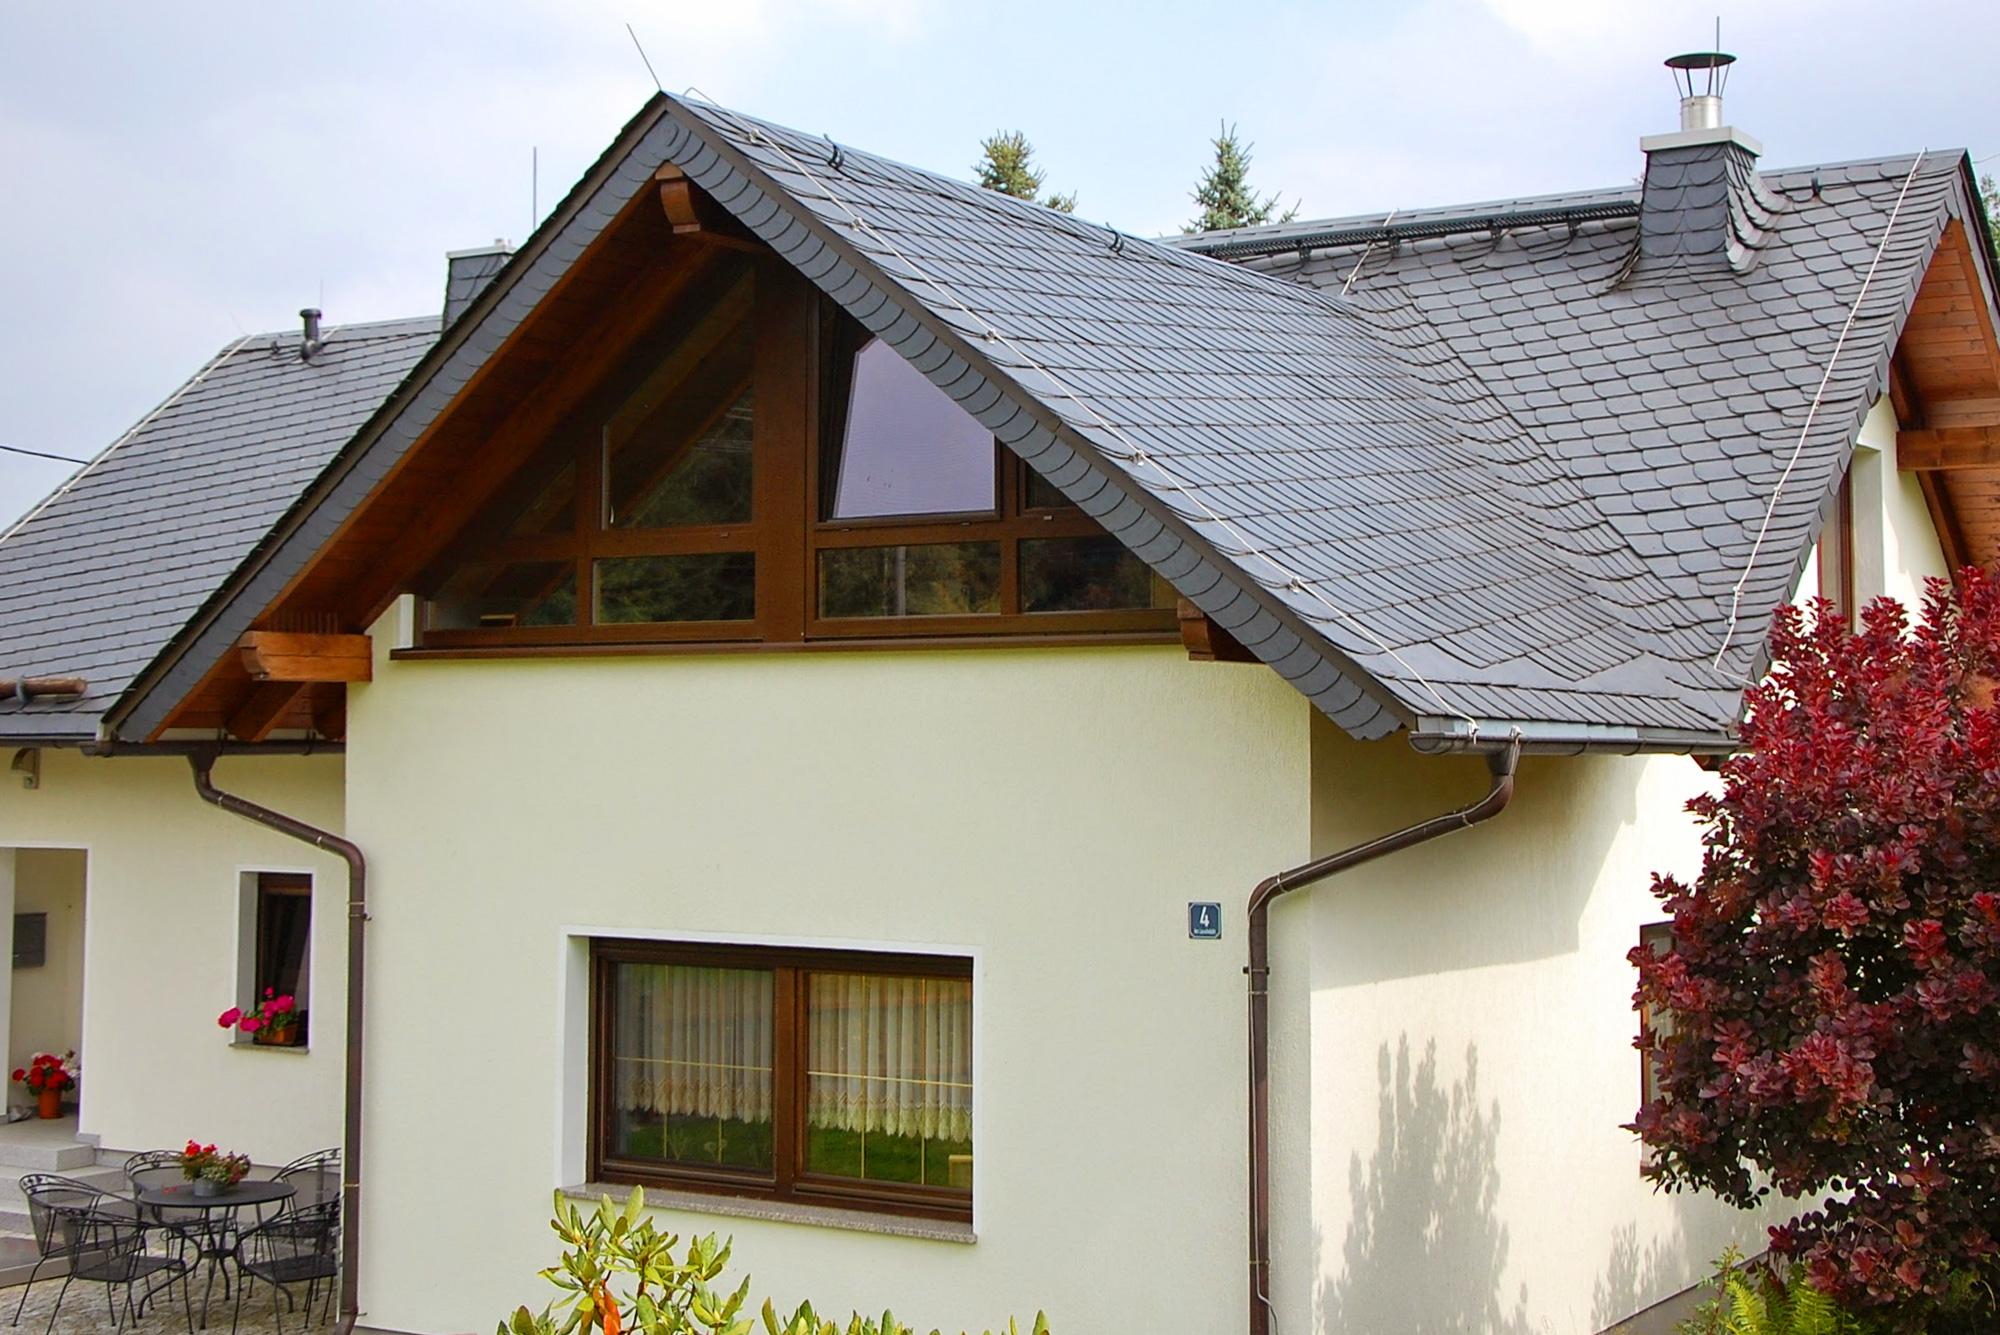 Spanischer Naturschiefer und Dachstuhl, ehemaliger Flachbau, Harra, Saale-Orla-Kreis